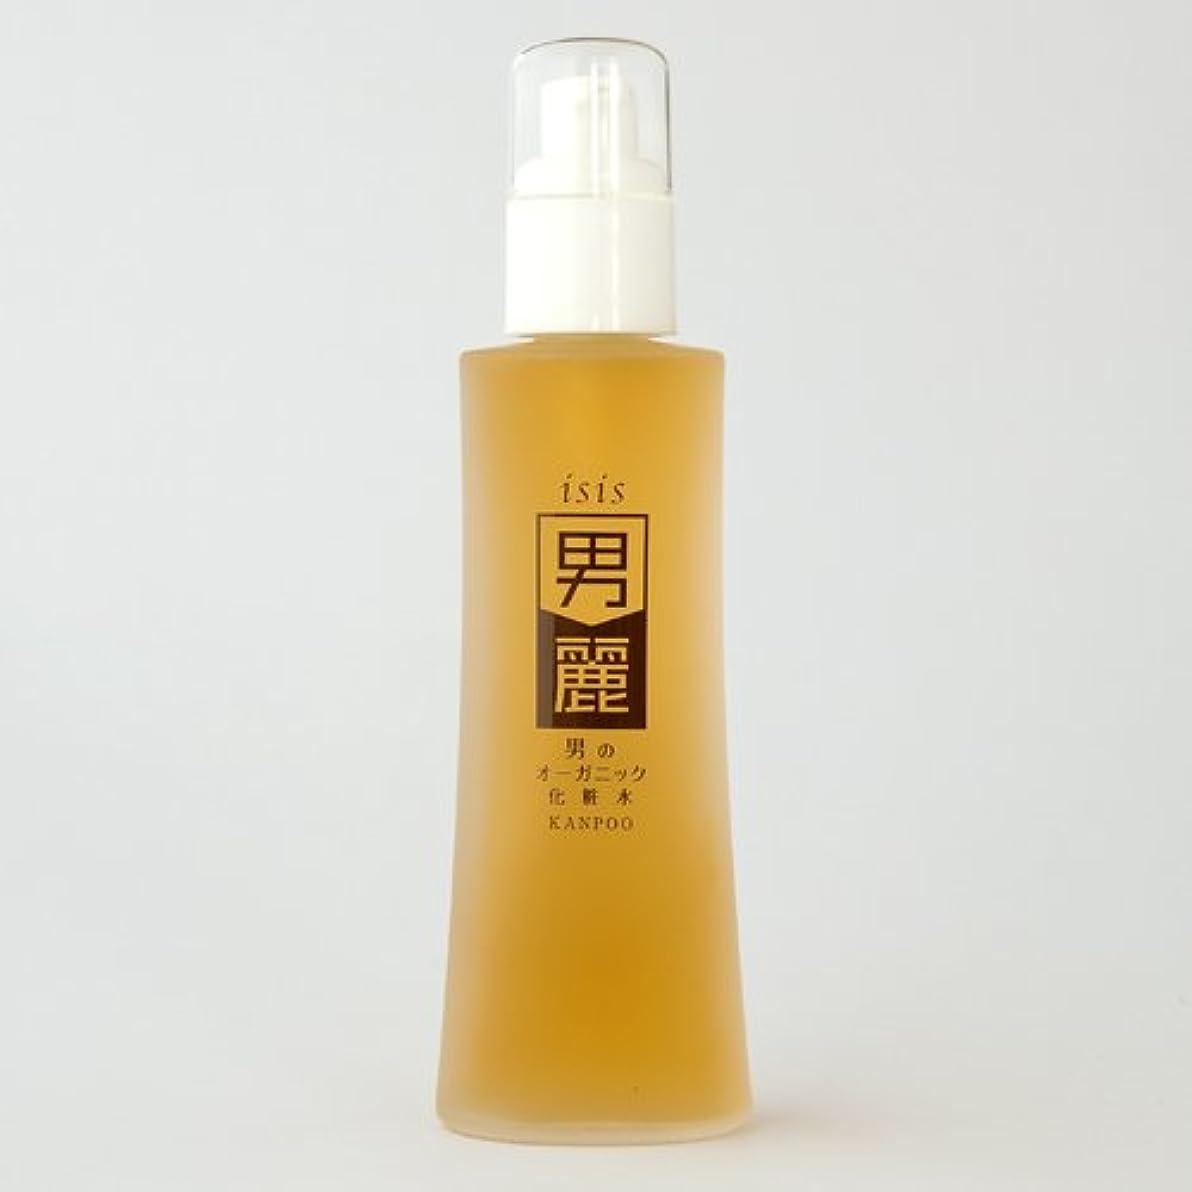 不格好起きている漏れ漢萌(KANPOO) 男のオーガニック化粧水 男麗 120ml